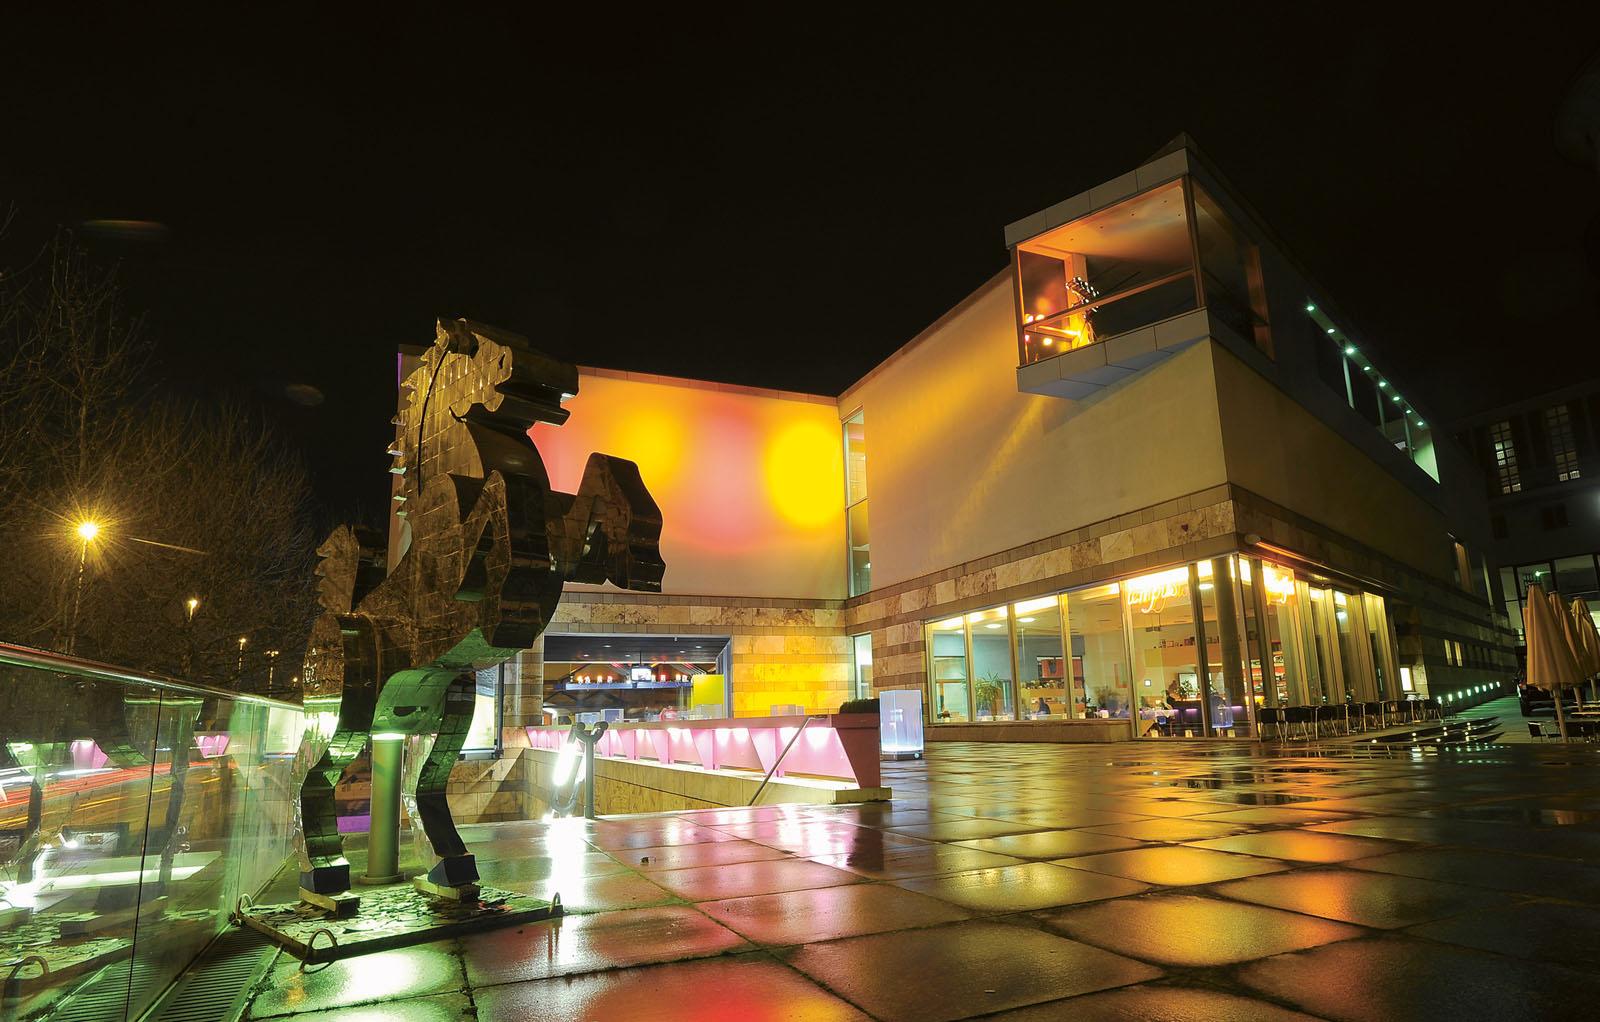 Lange Nacht der Museen Stuttgart - Haus der Geschichte Stuttgart Nacht der Museen 15.3.2014